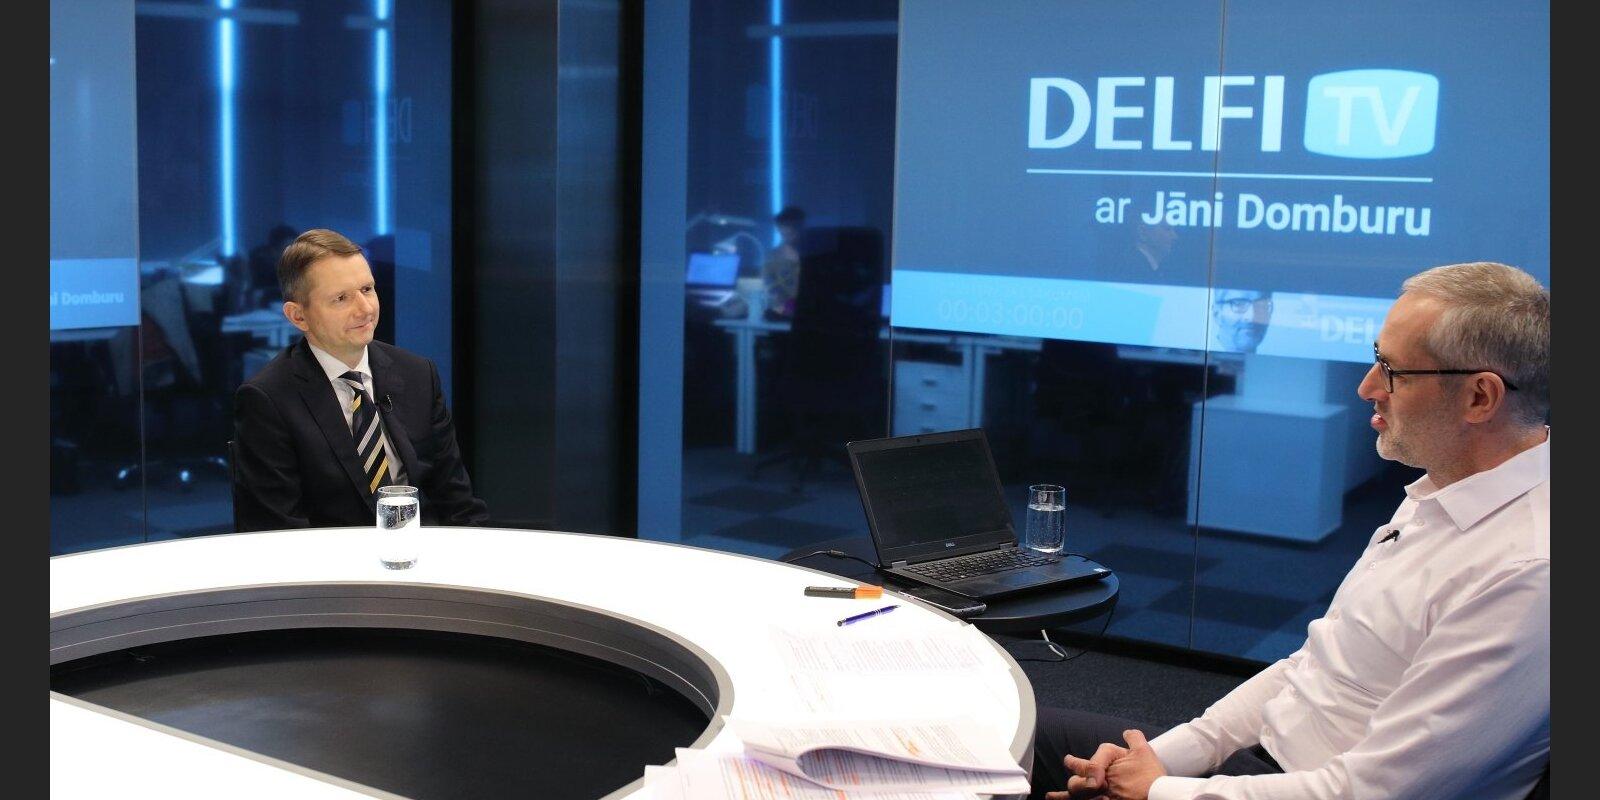 'Delfi TV ar Jāni Domburu' atbild FKTK priekšsēdētājs Pēters Putniņš. Sarunas teksts